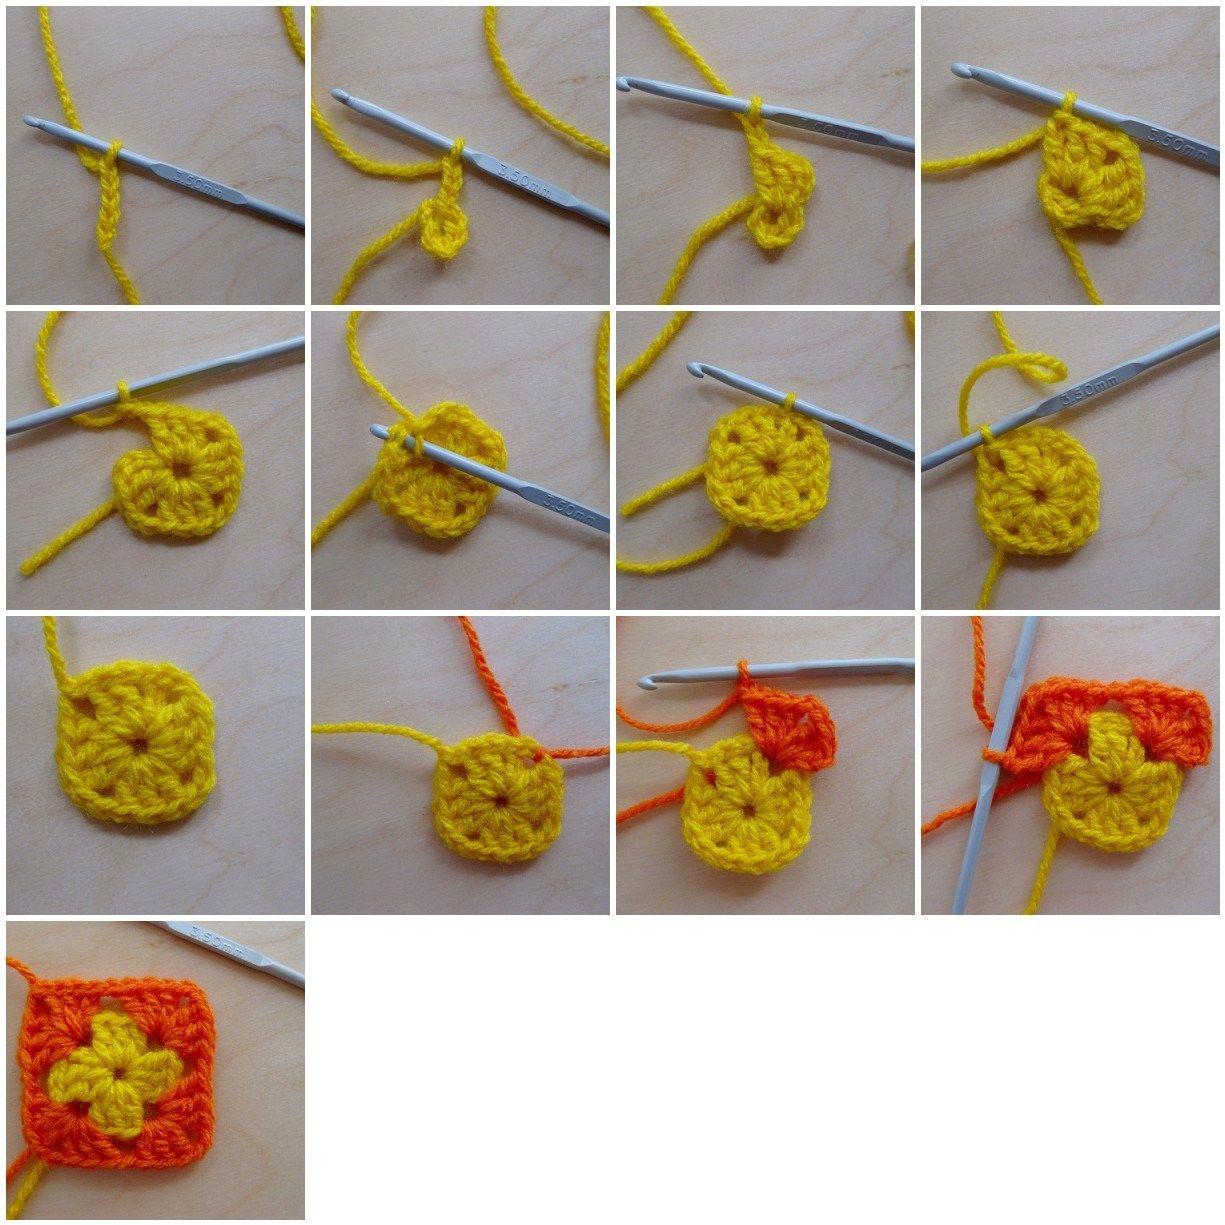 How To Make A Granny Square Granny Square Crochet Patterns Free Crochet Granny Square Tutorial Granny Square Crochet